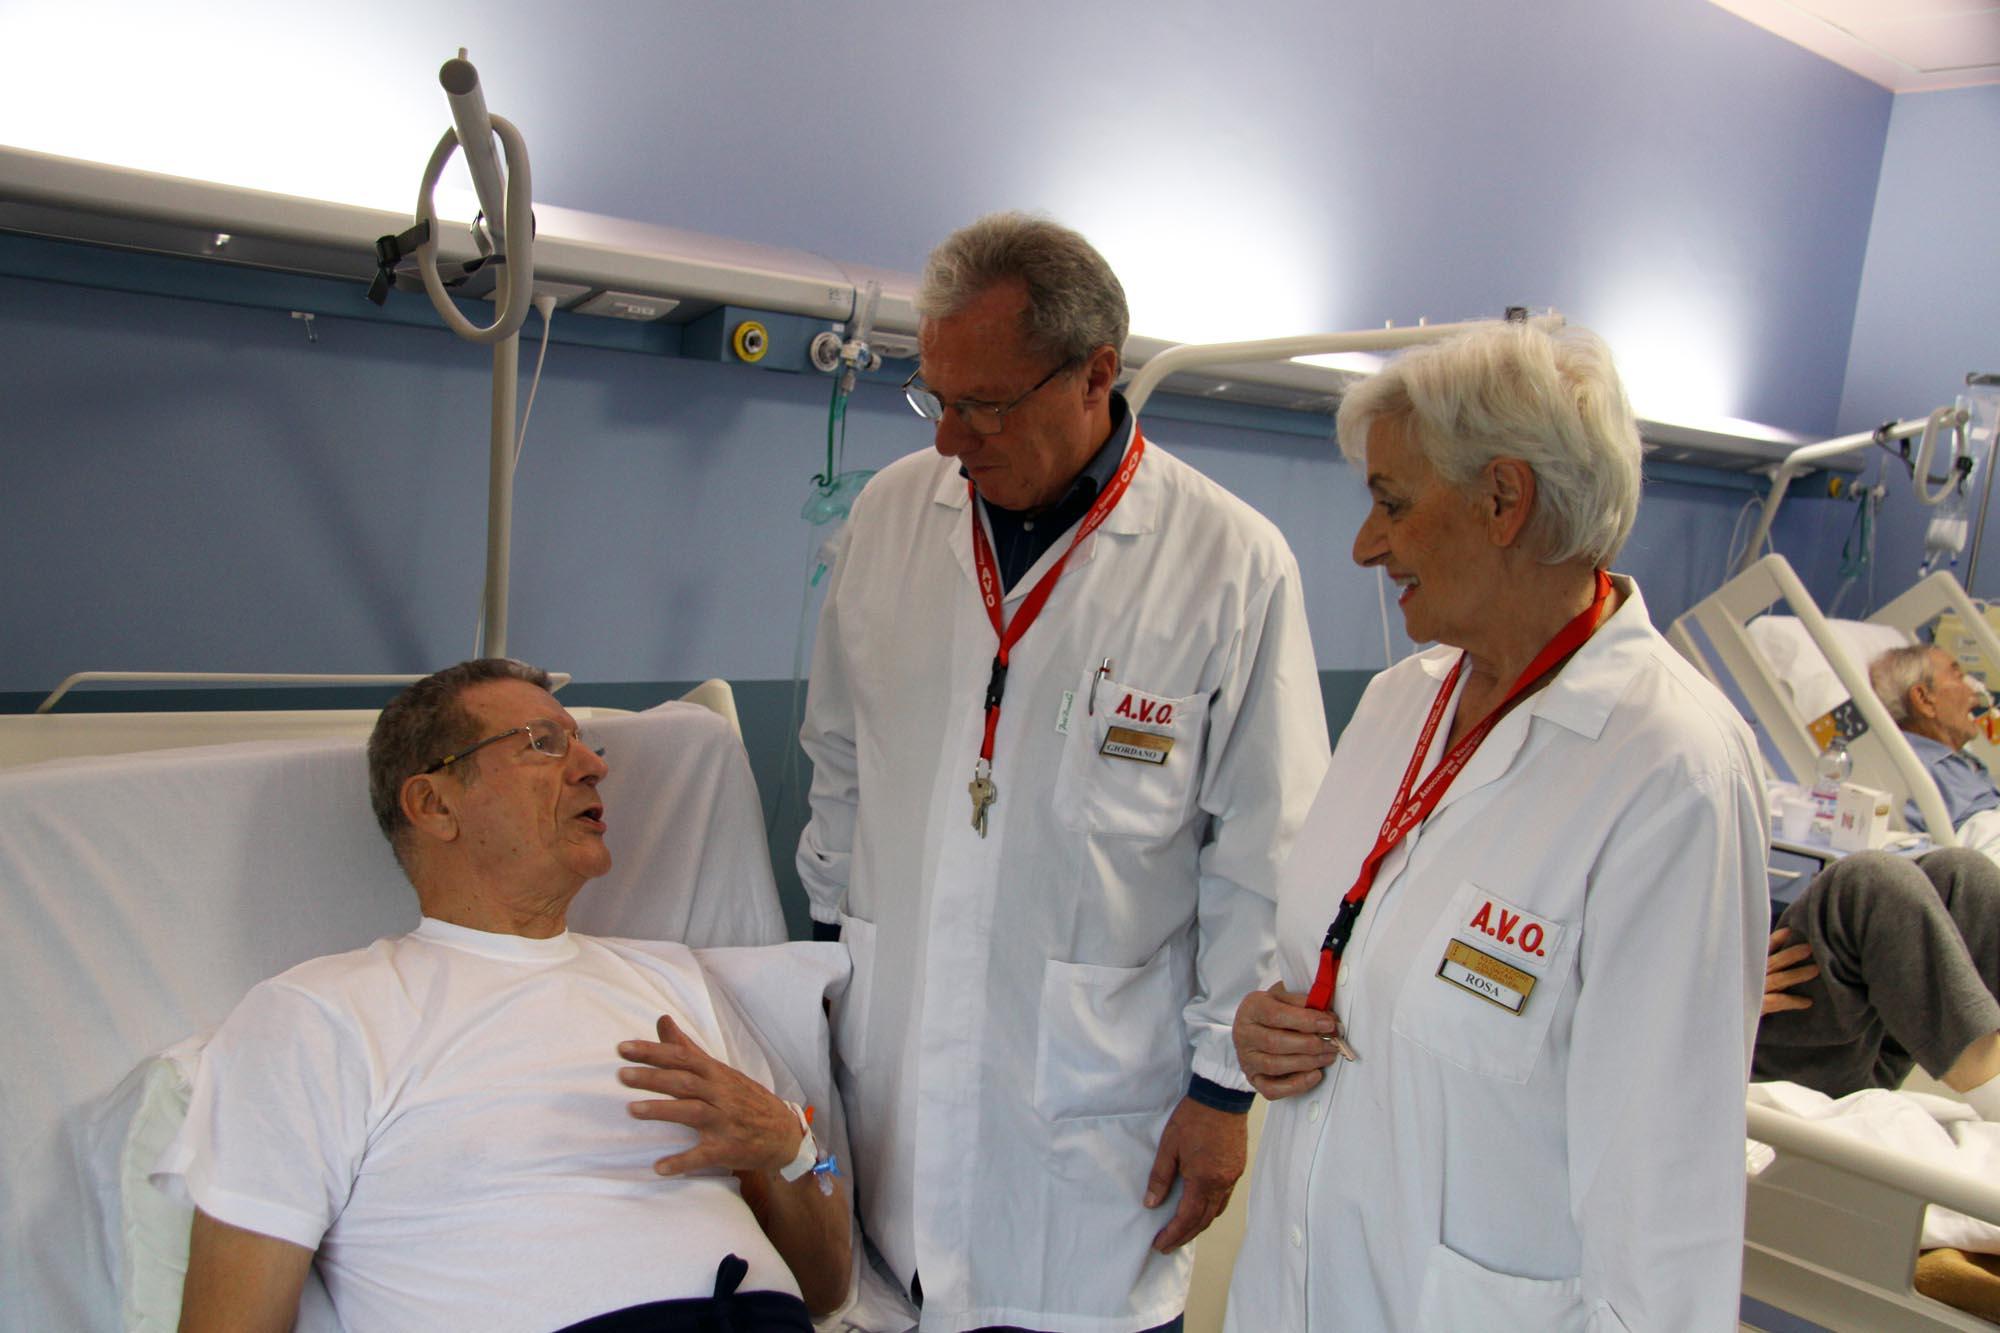 0412 Volontari in ospedale 2 - Assistenza malati e disabili